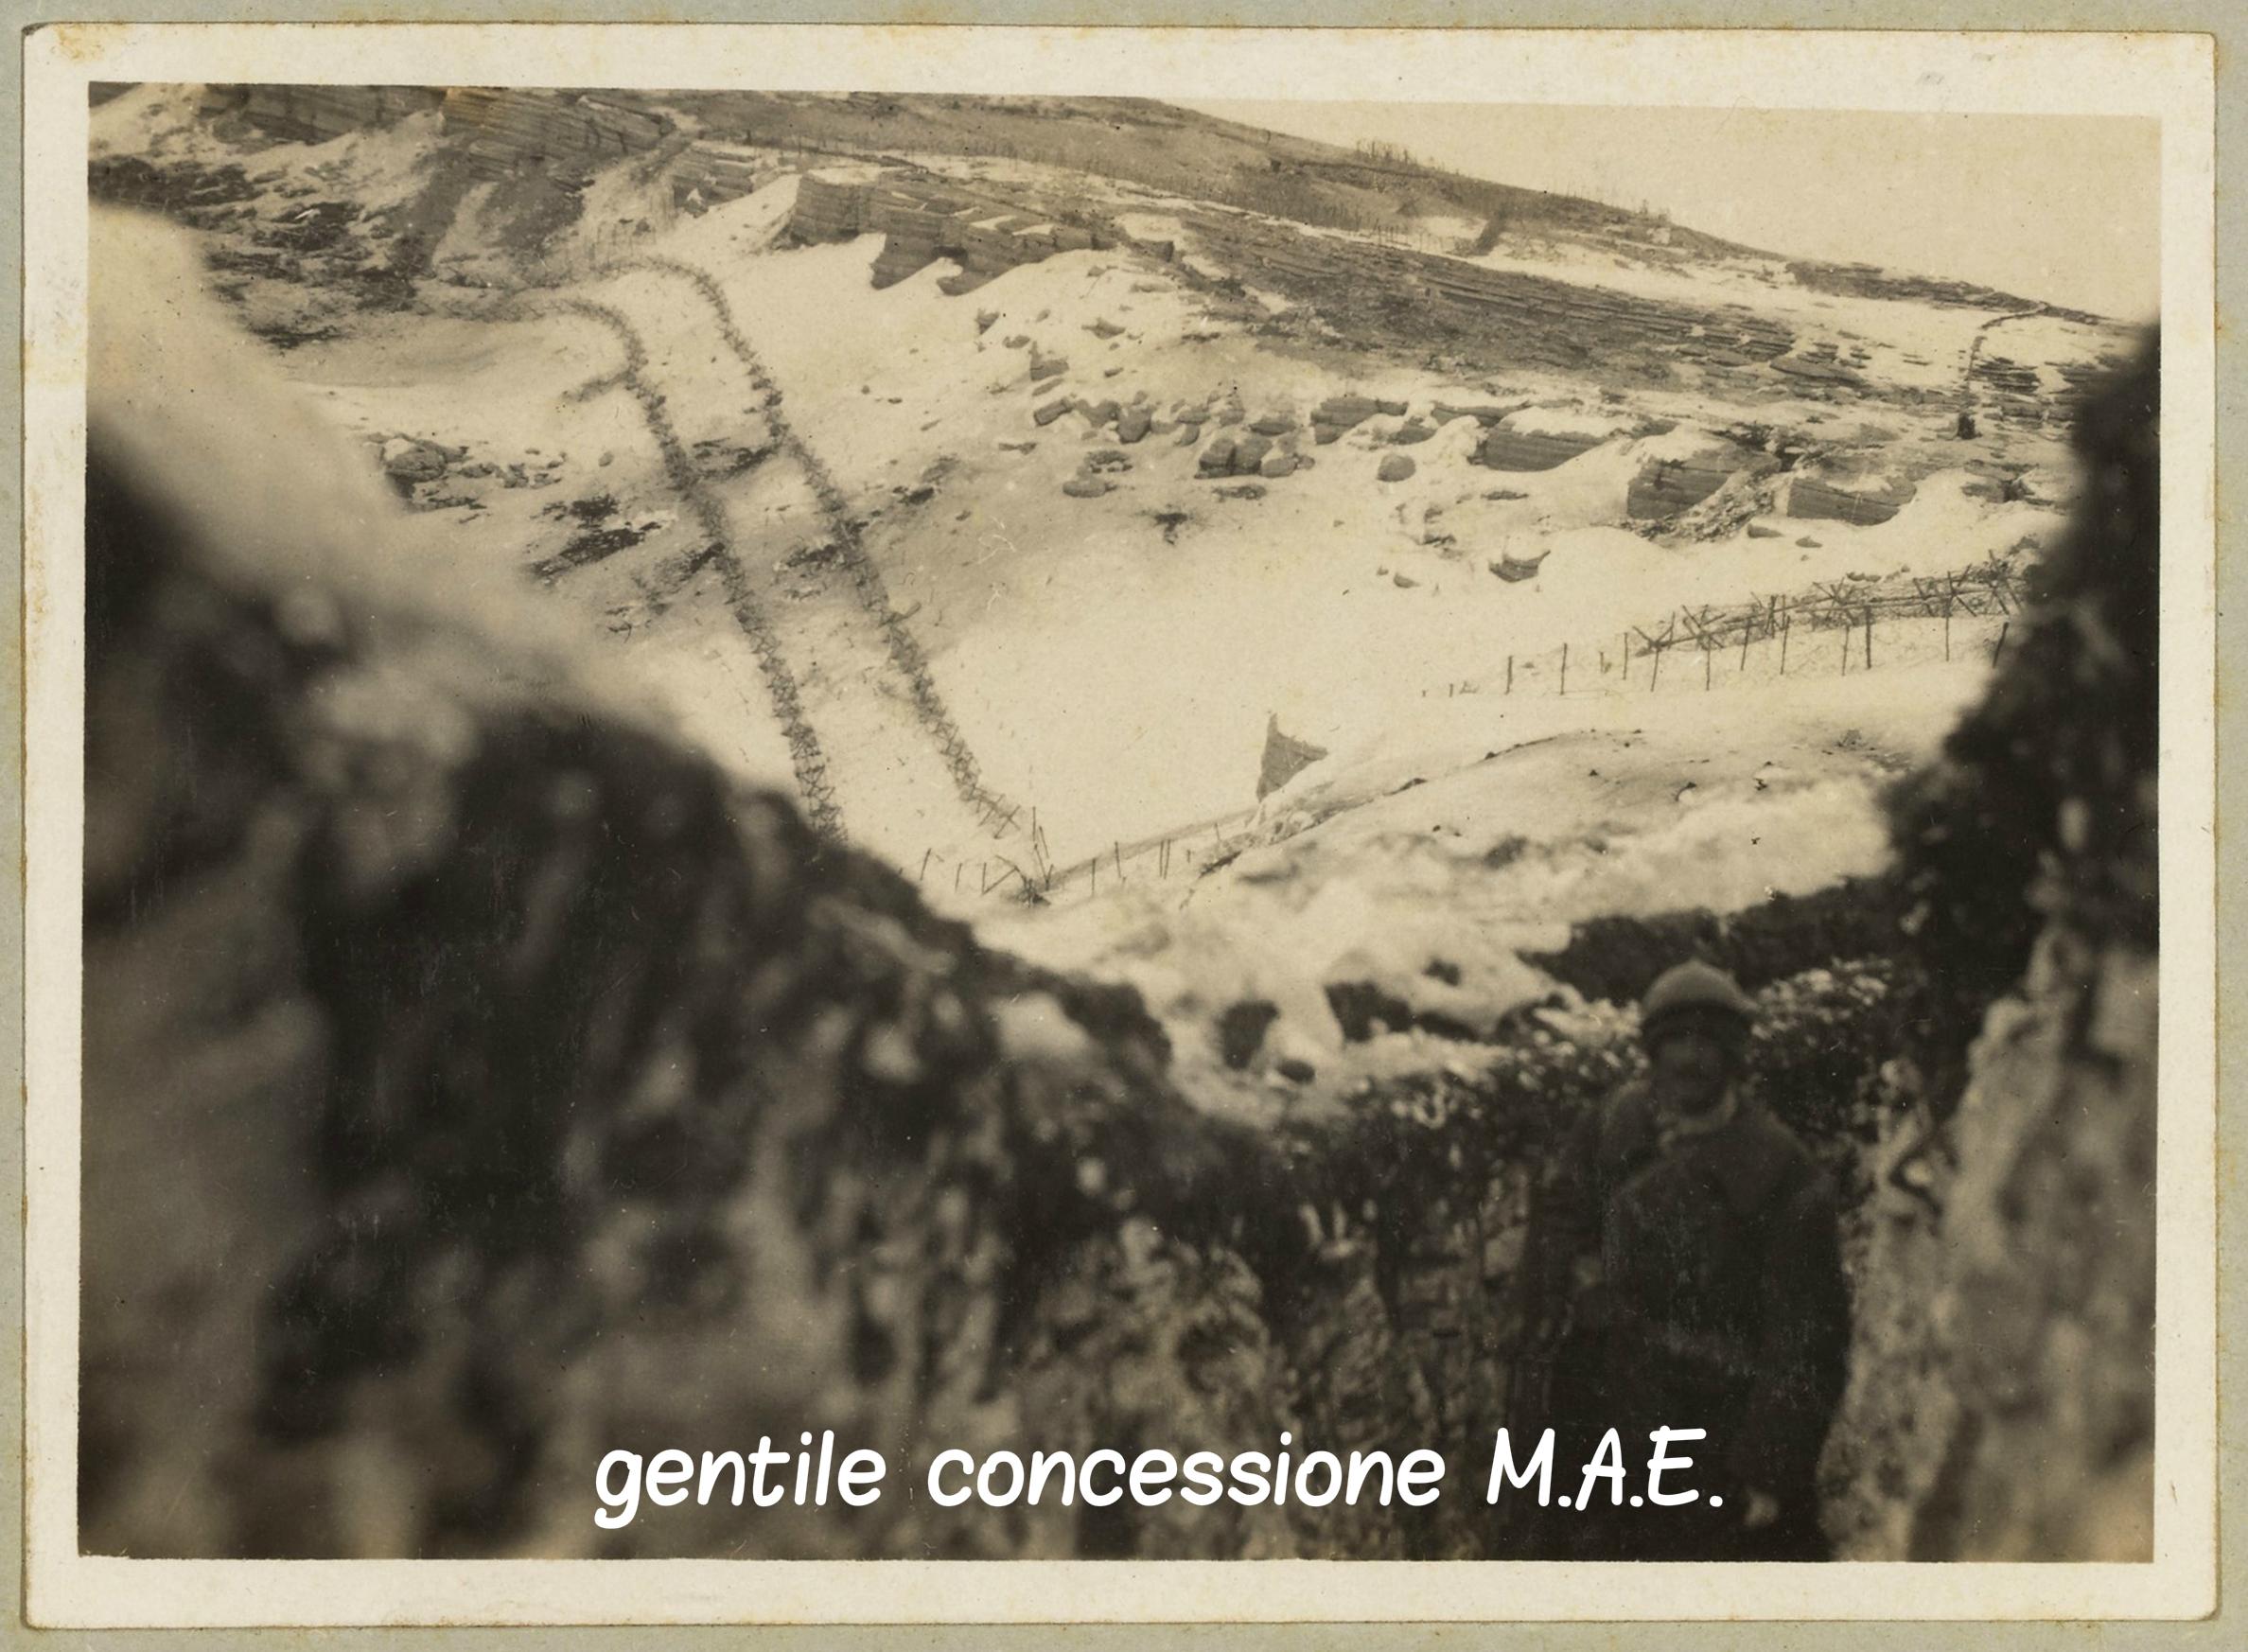 09 - Come apparivano gli sbarramenti di reticolati a difesa del Castelgomberto dalle vicine trincee del Mae (c).jpg